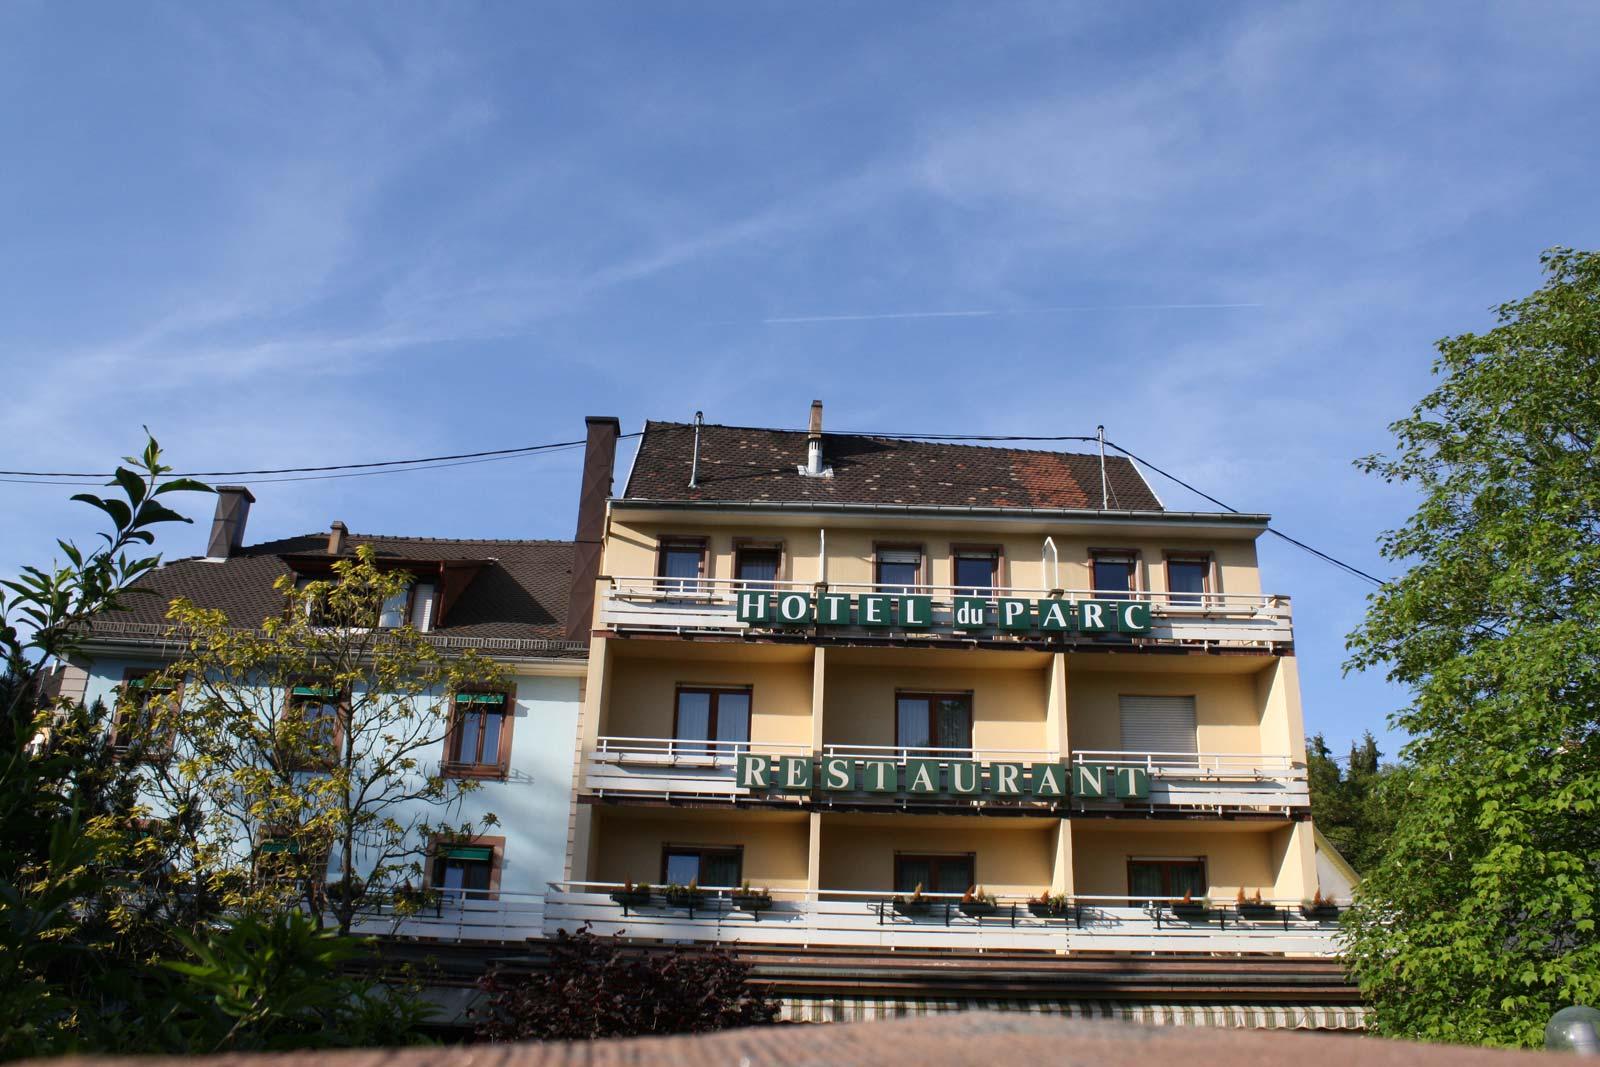 H tel du parc restaurant l 39 alexain niederbronn les bains for Hotel du parc